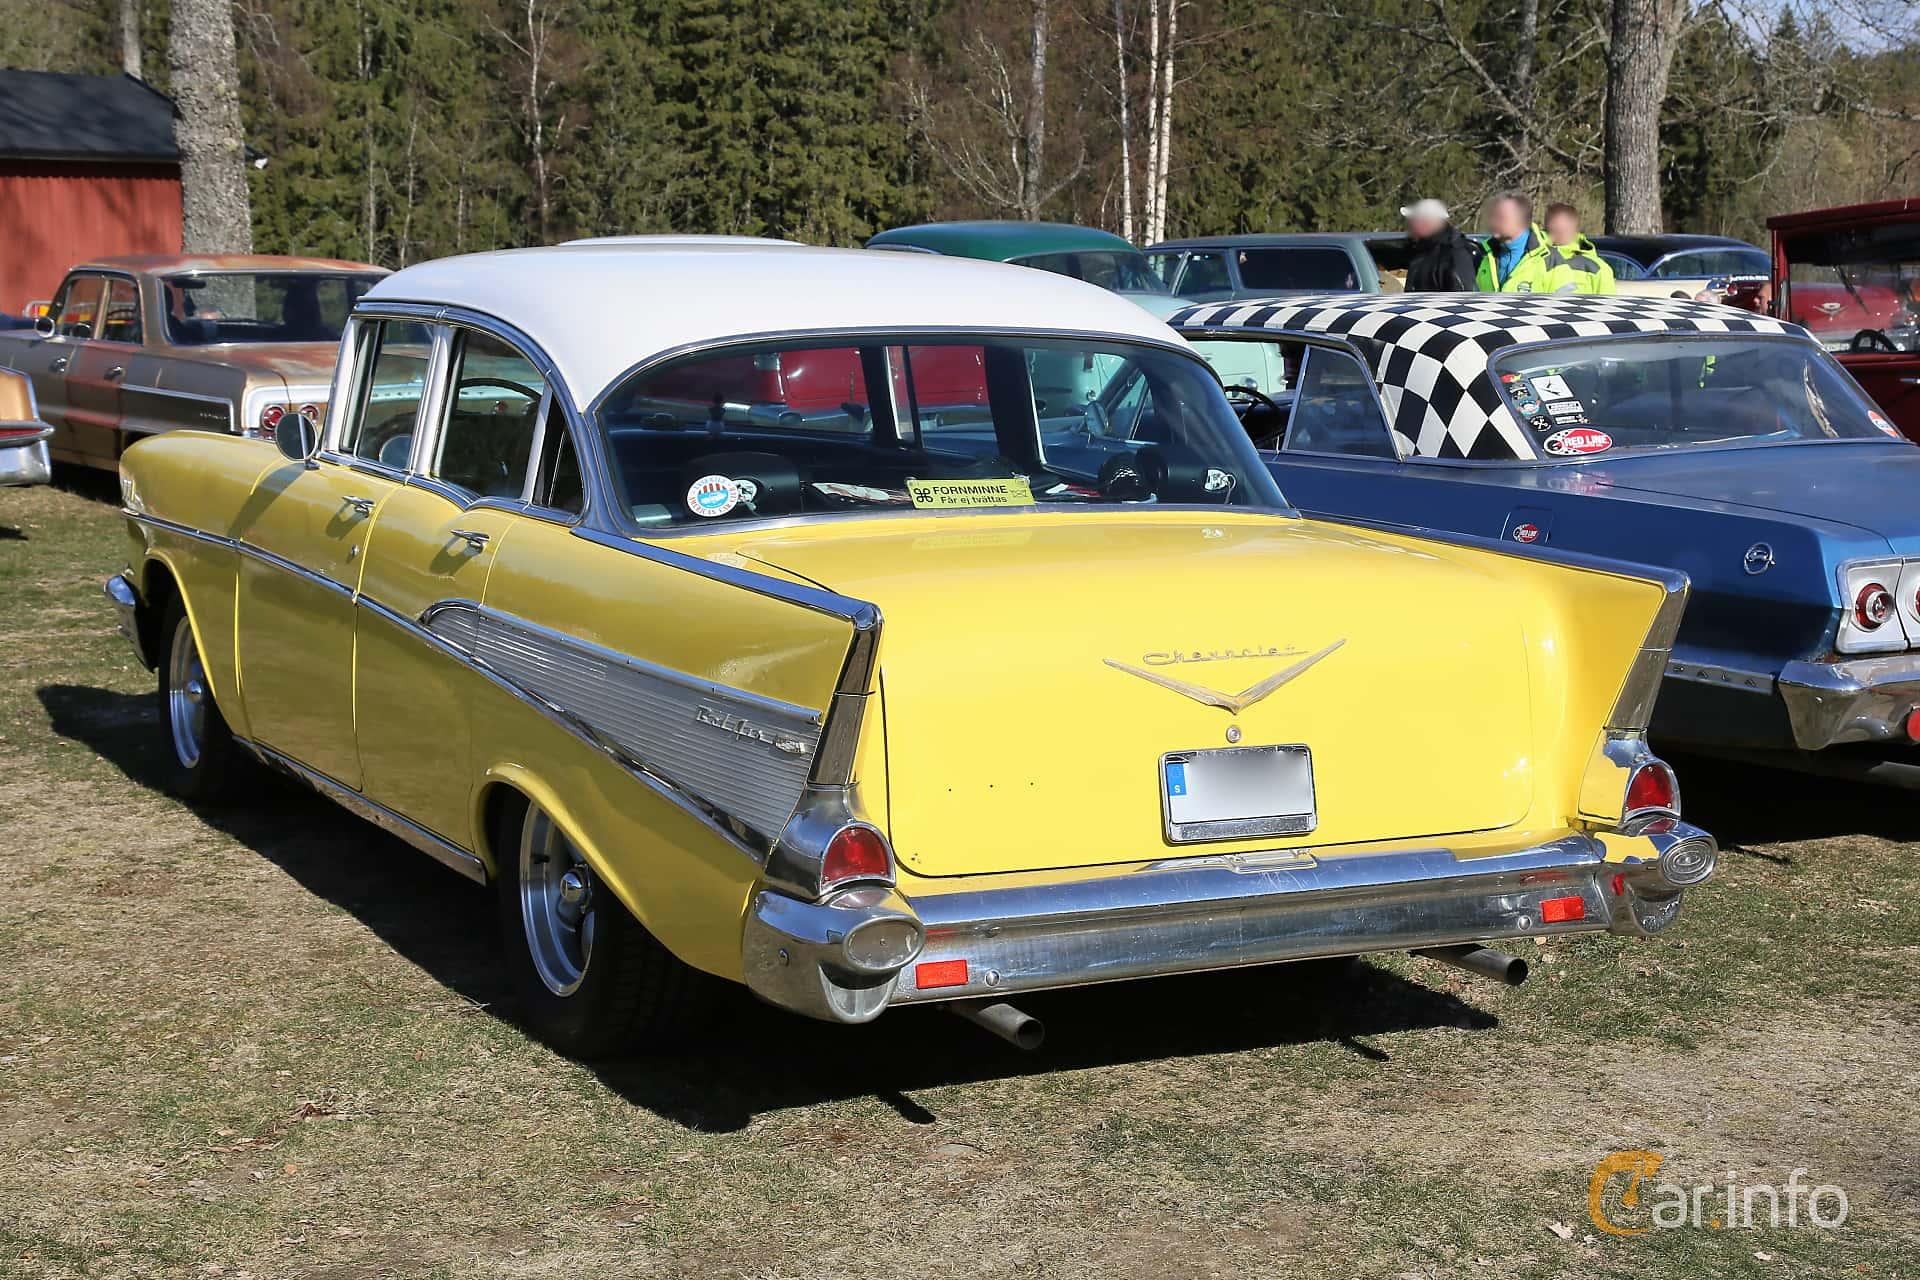 Back/Side of Chevrolet Bel Air 4-door Sedan 4.6 V8 Powerglide, 254ps, 1957 at Uddevalla Veteranbilsmarknad Backamo, Ljungsk 2019